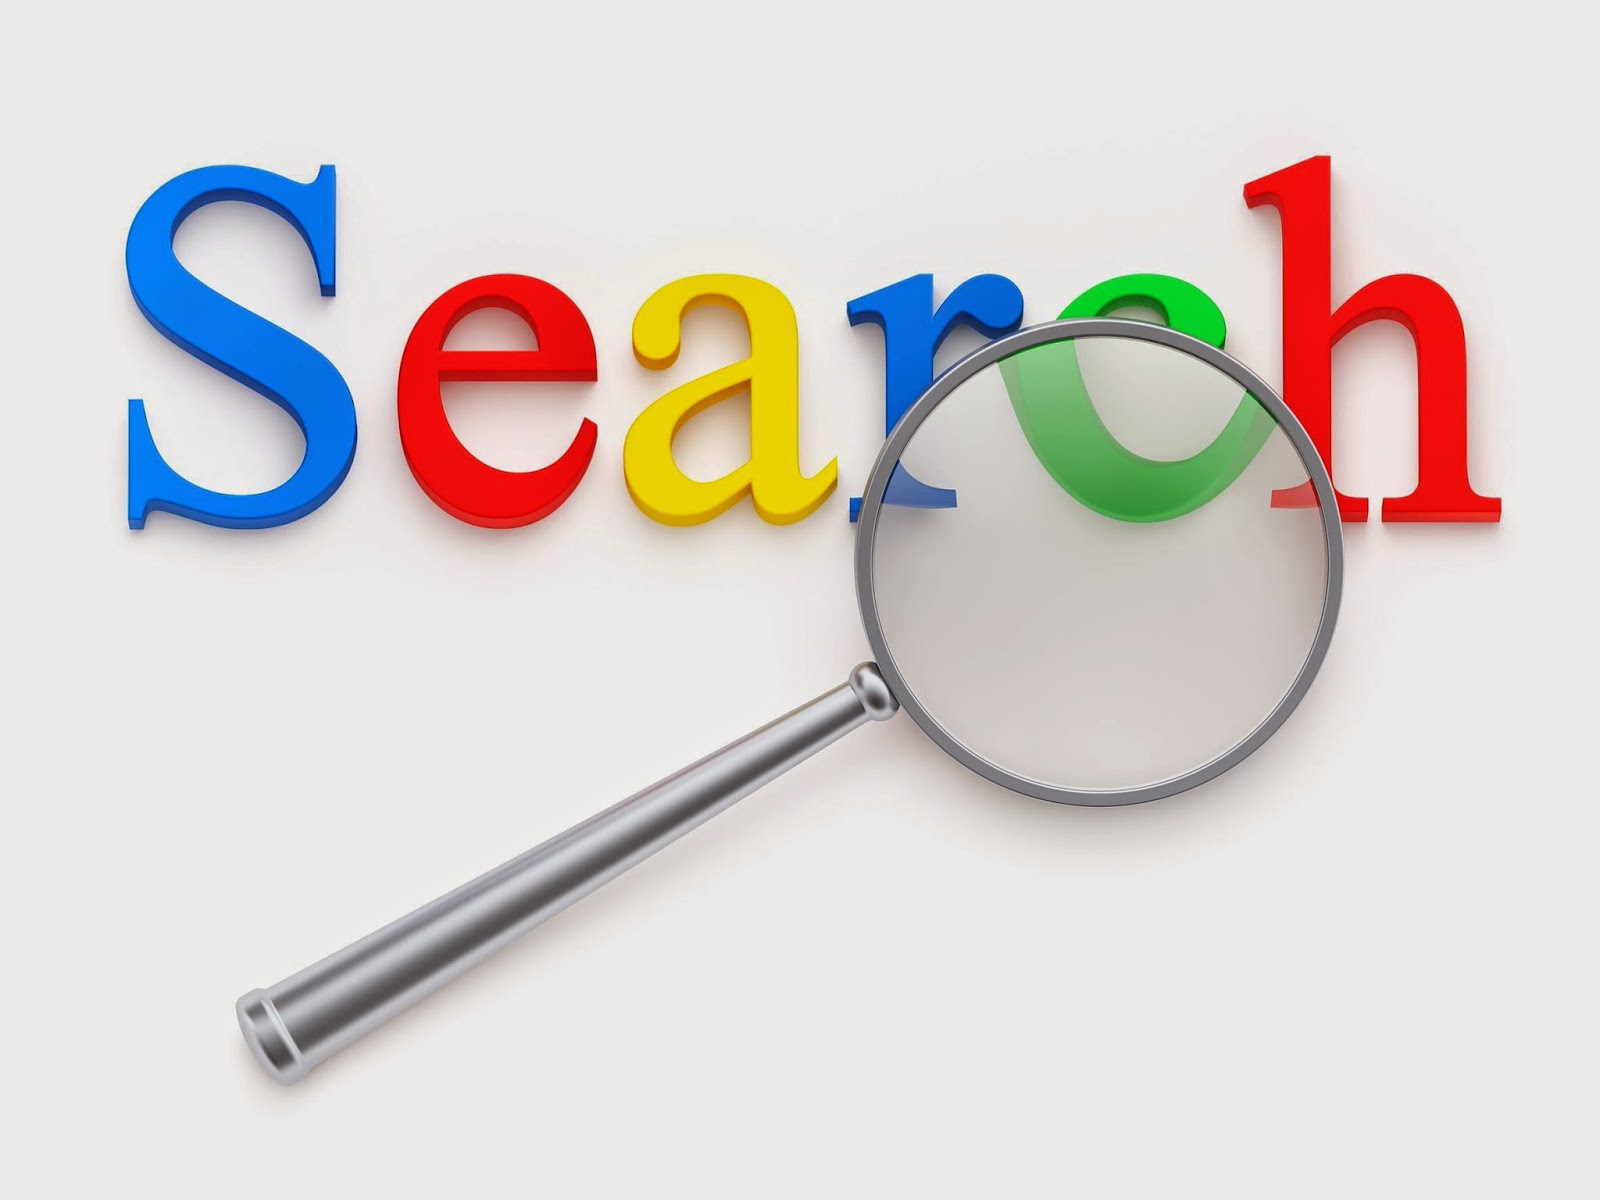 Membuat Pencarian Lebih Dari Satu Kata Kunci Dengan PHP